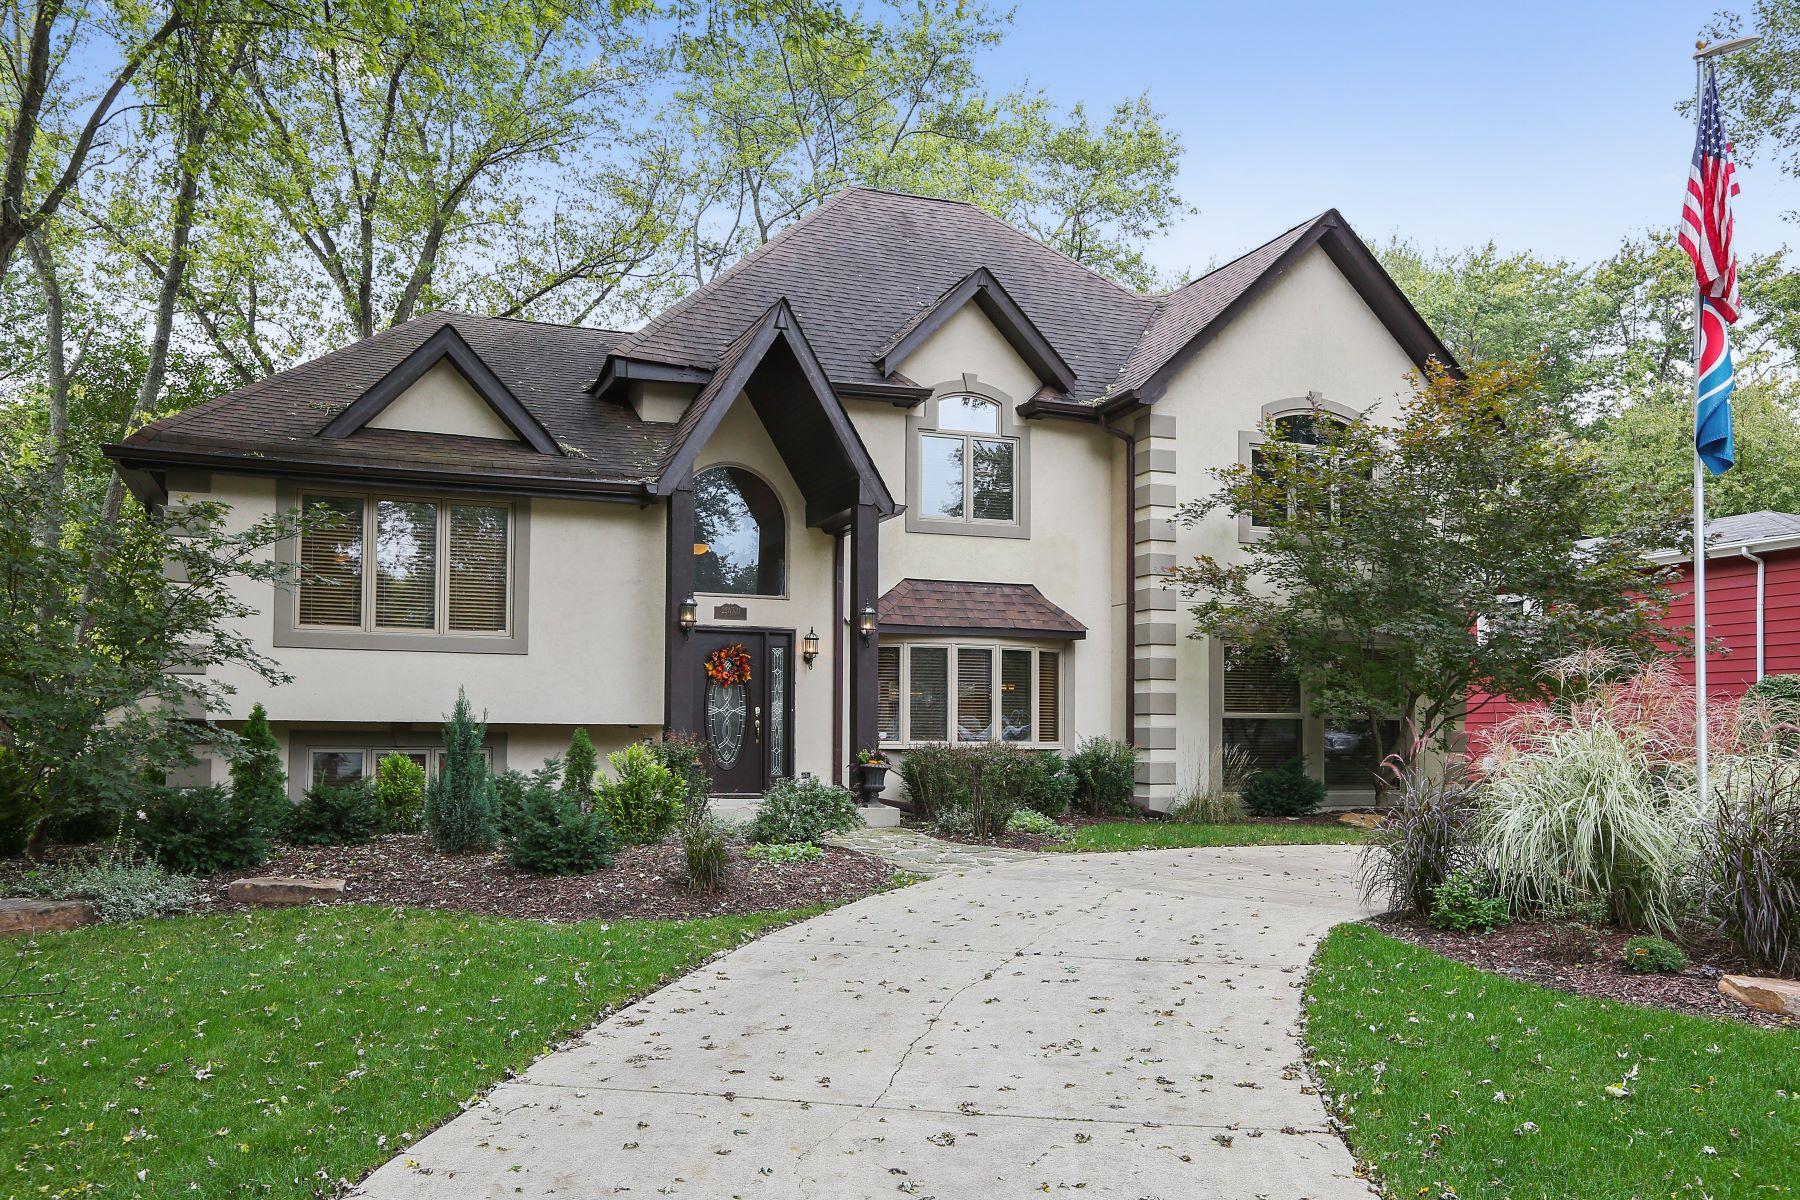 Single Family Homes för Försäljning vid Stunning 2003 rebuild 22W531 Balsam Drive, Glen Ellyn, Illinois 60137 Förenta staterna